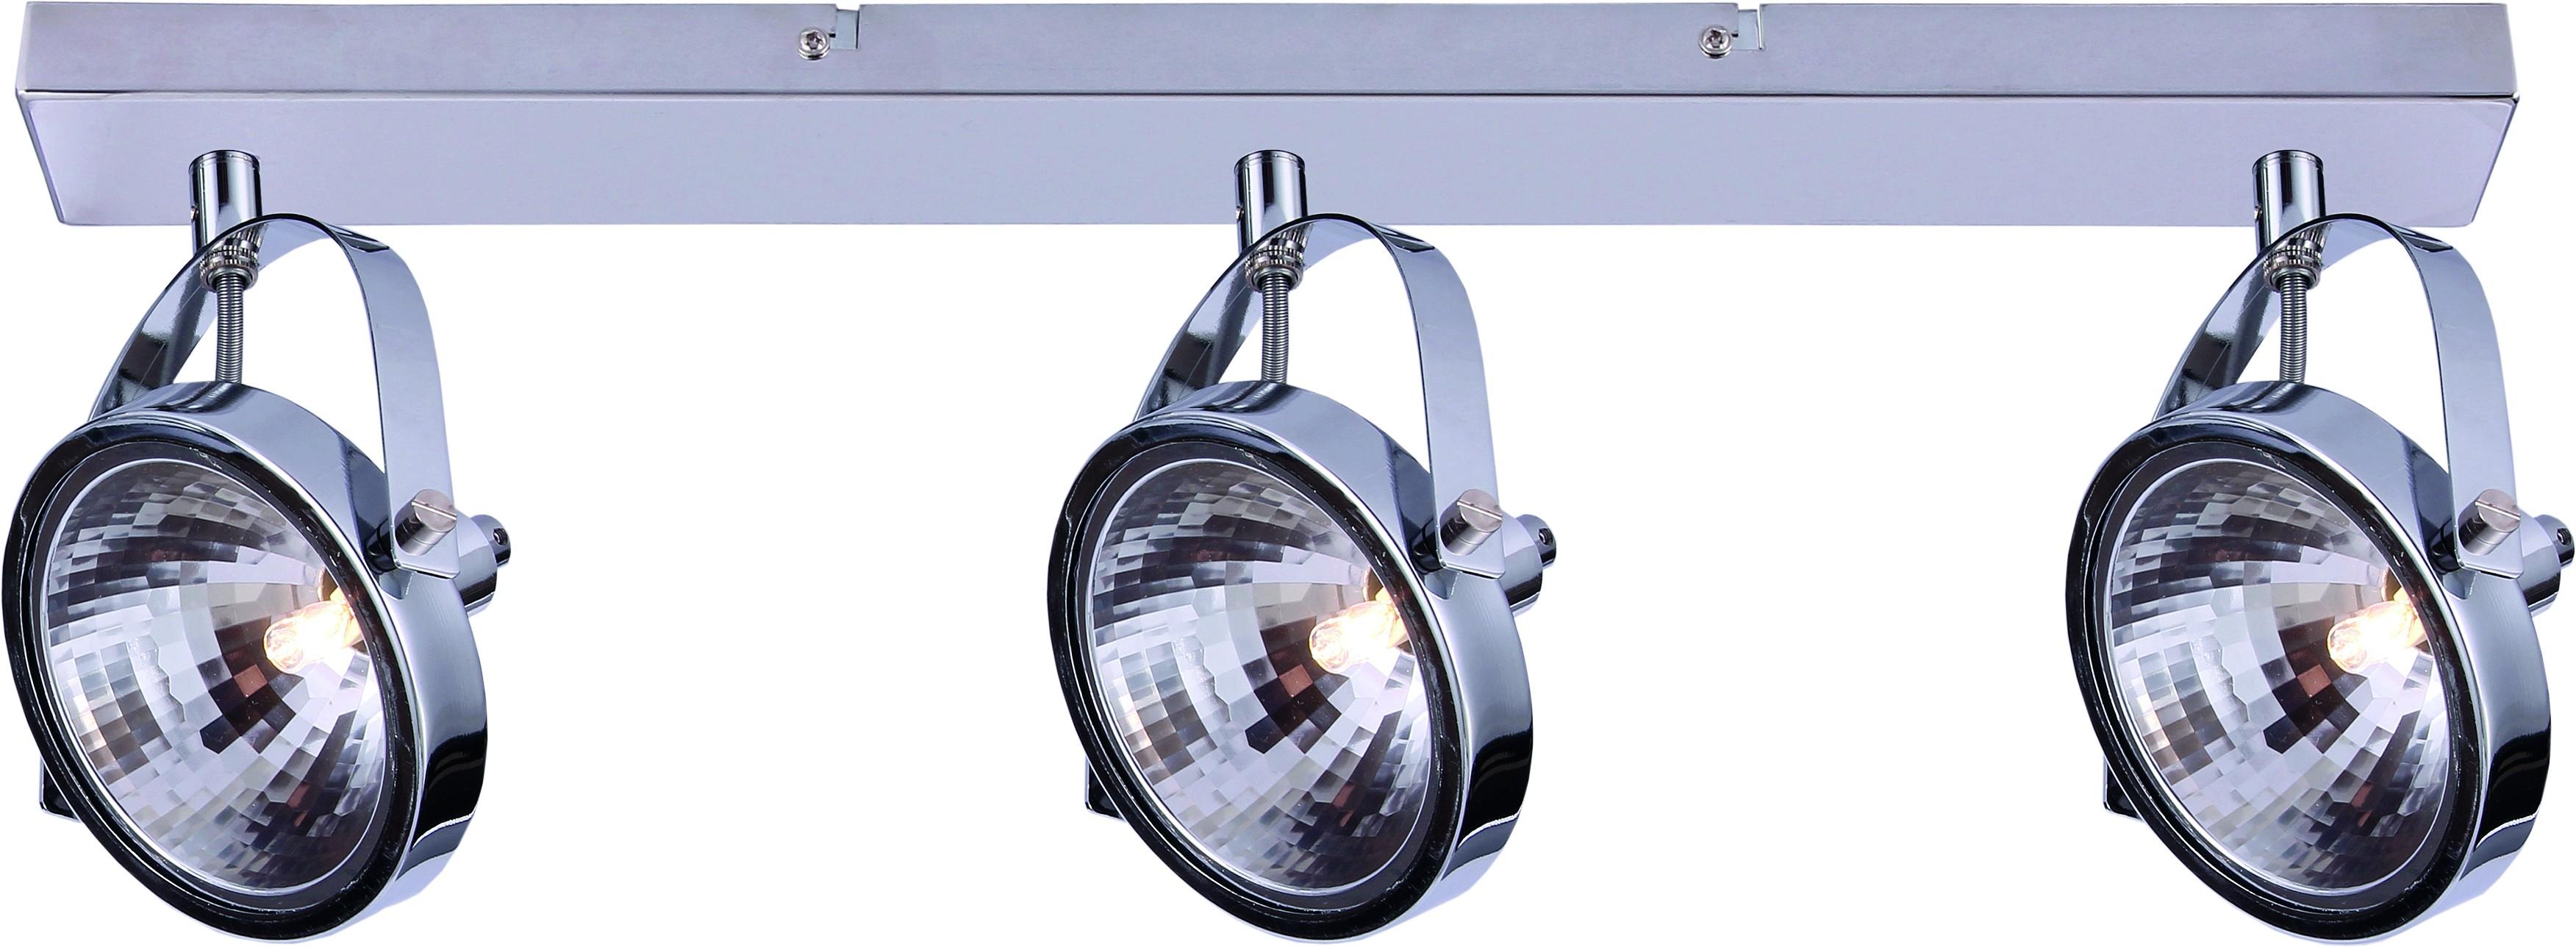 спот a9557pl 3cc arte lamp Спот Arte lamp A4506pl-3cc